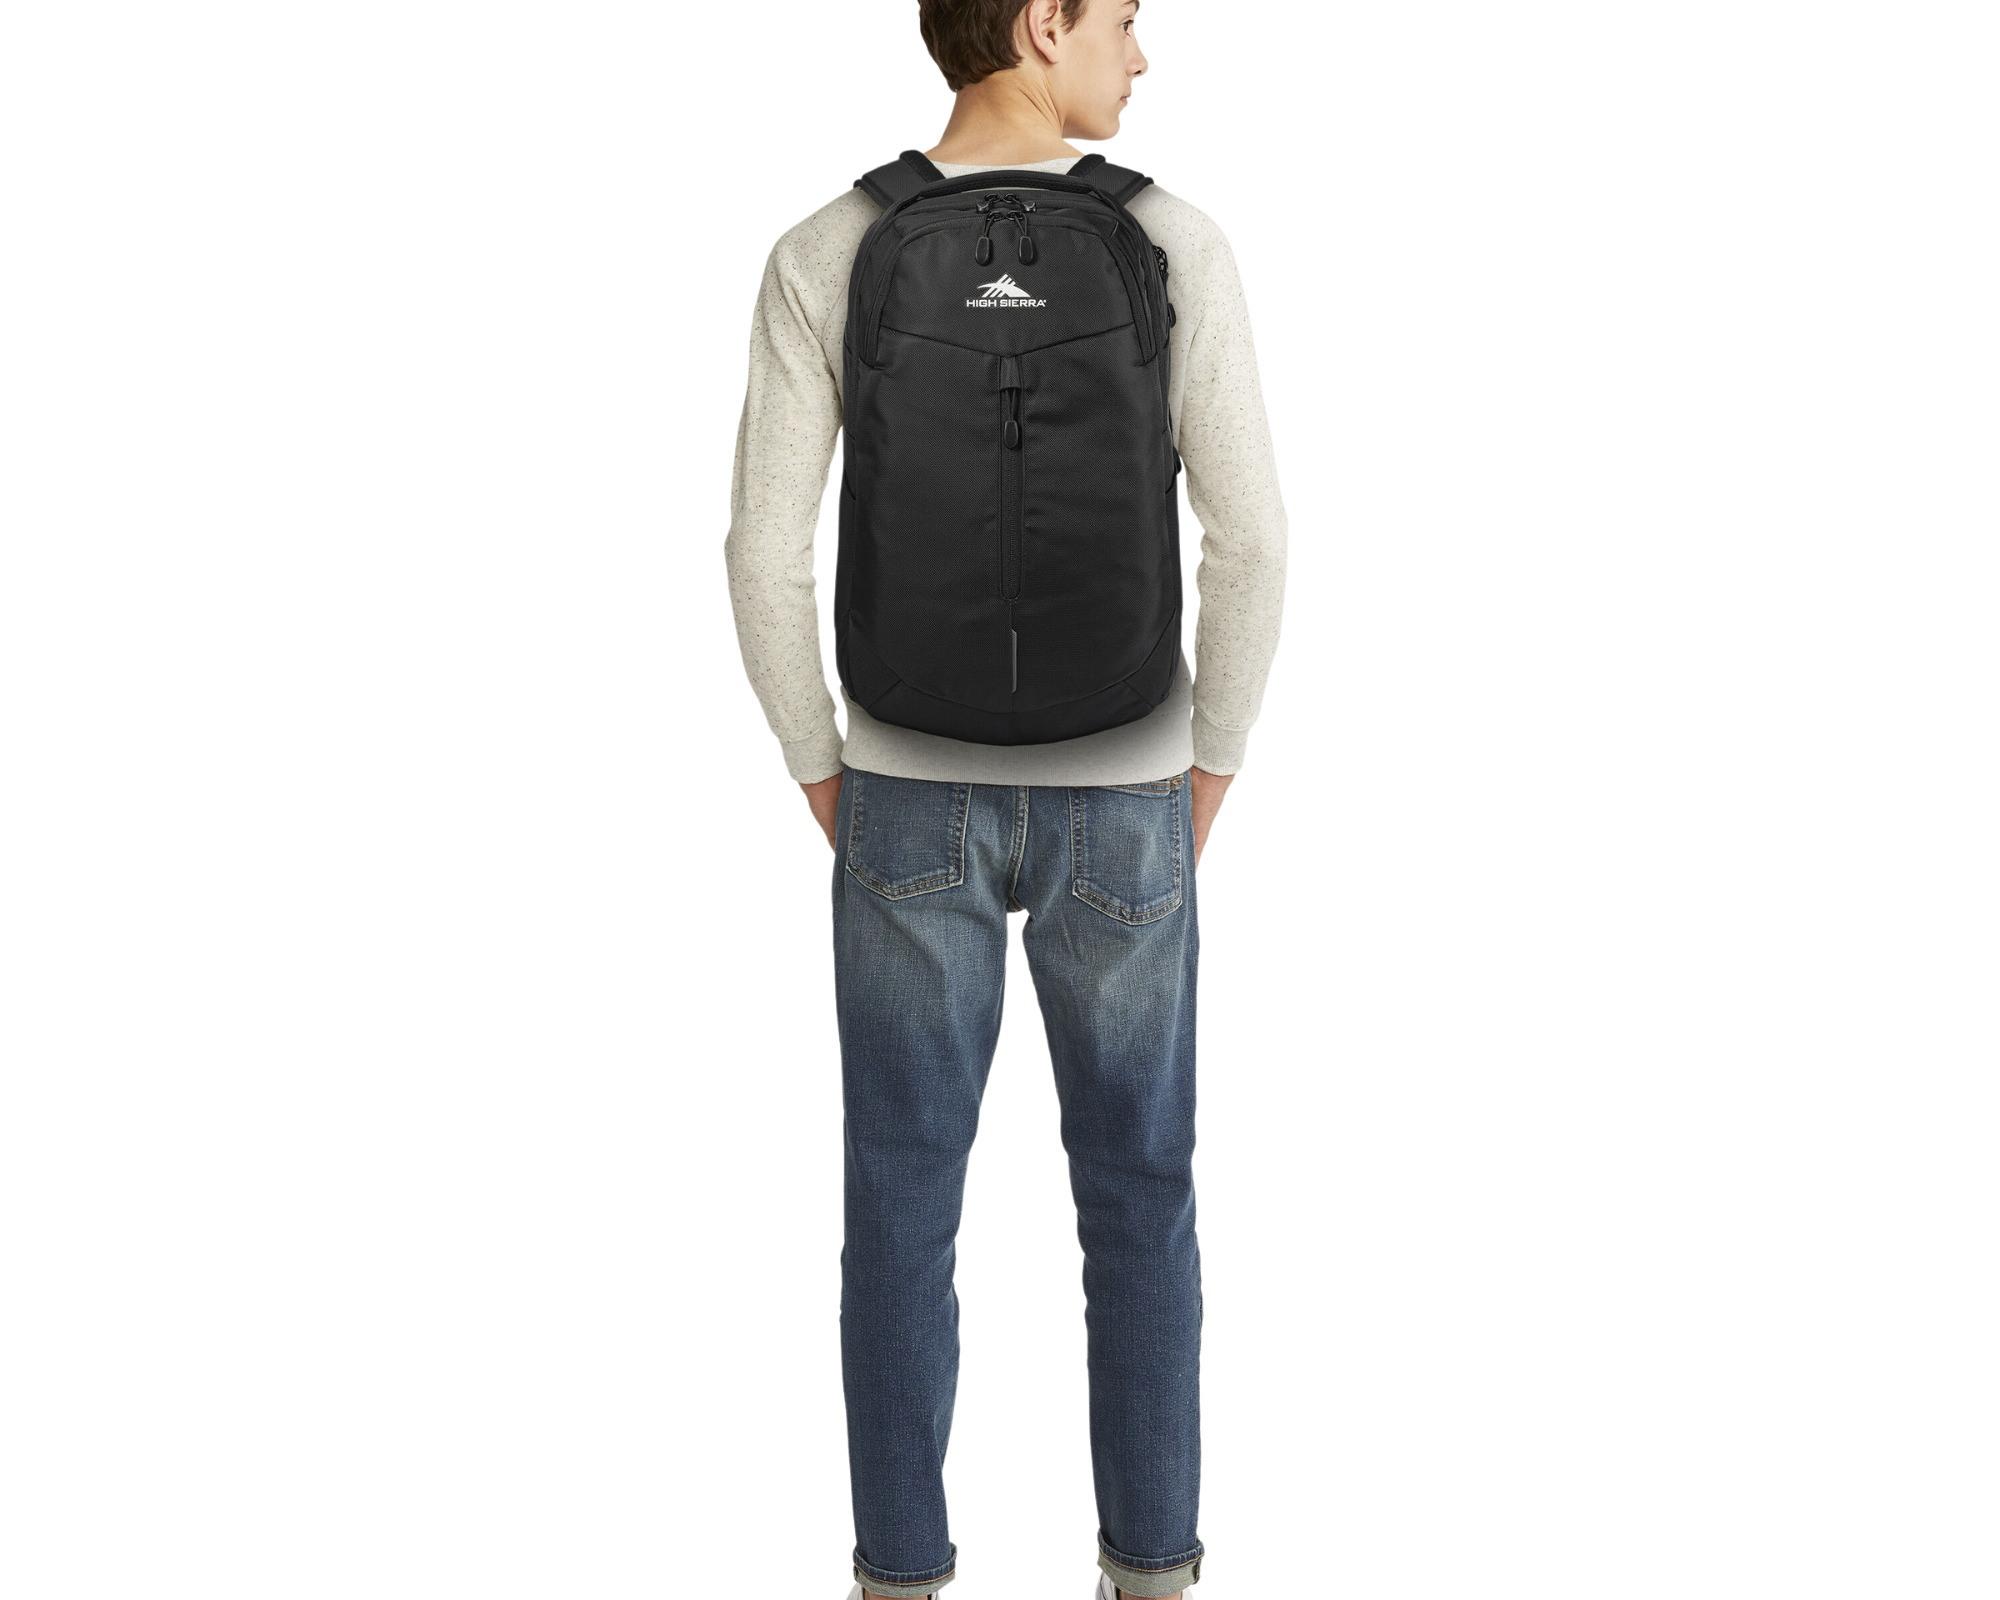 Best High Sierra backpacks: a male wearing the High Sierra backpack